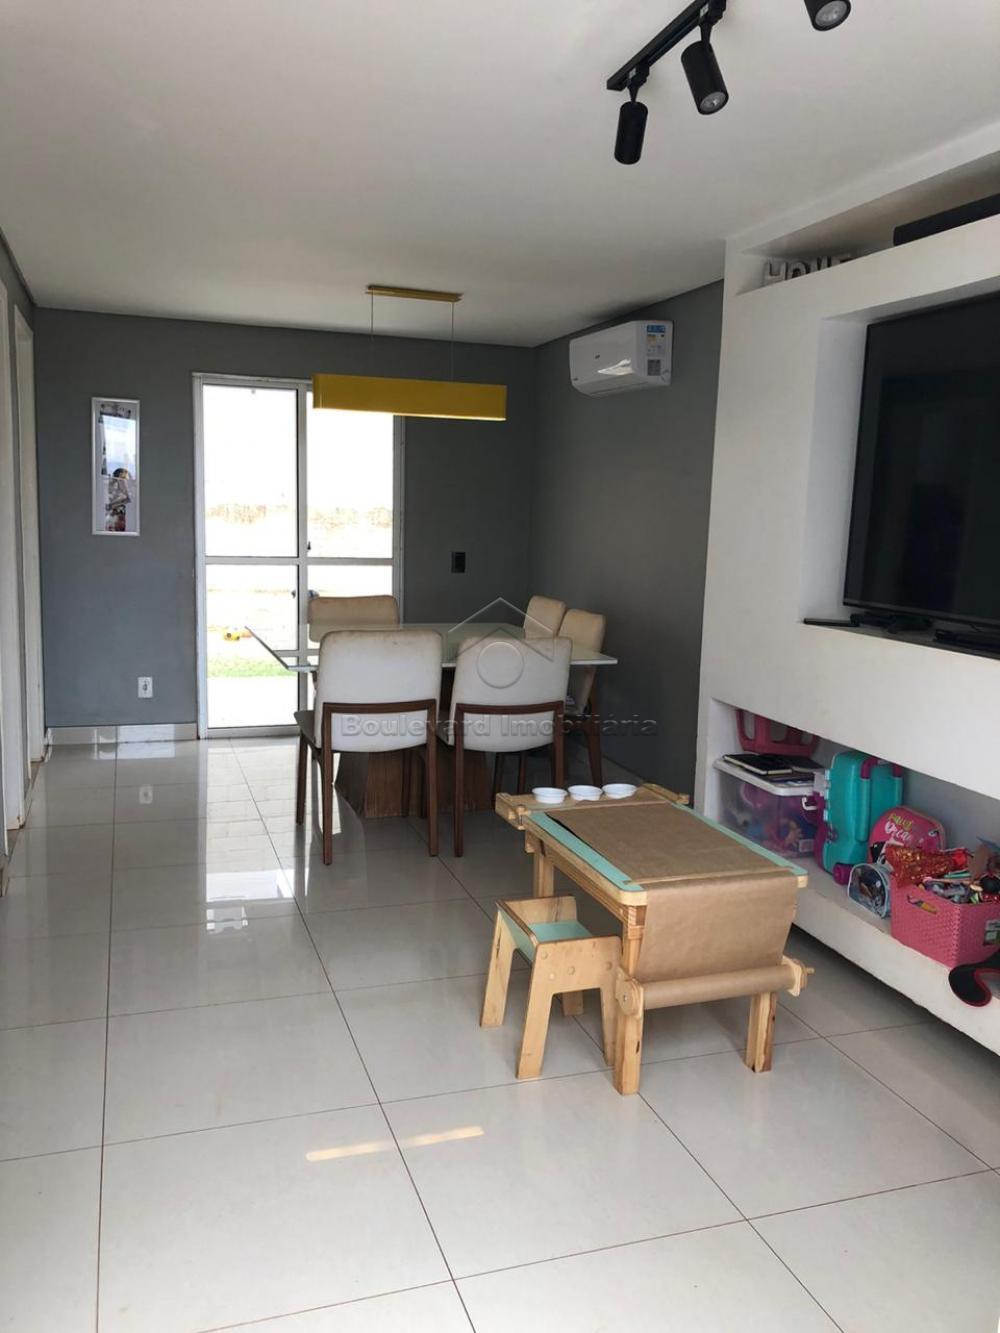 Comprar Casa / Condomínio em Ribeirão Preto apenas R$ 450.000,00 - Foto 1